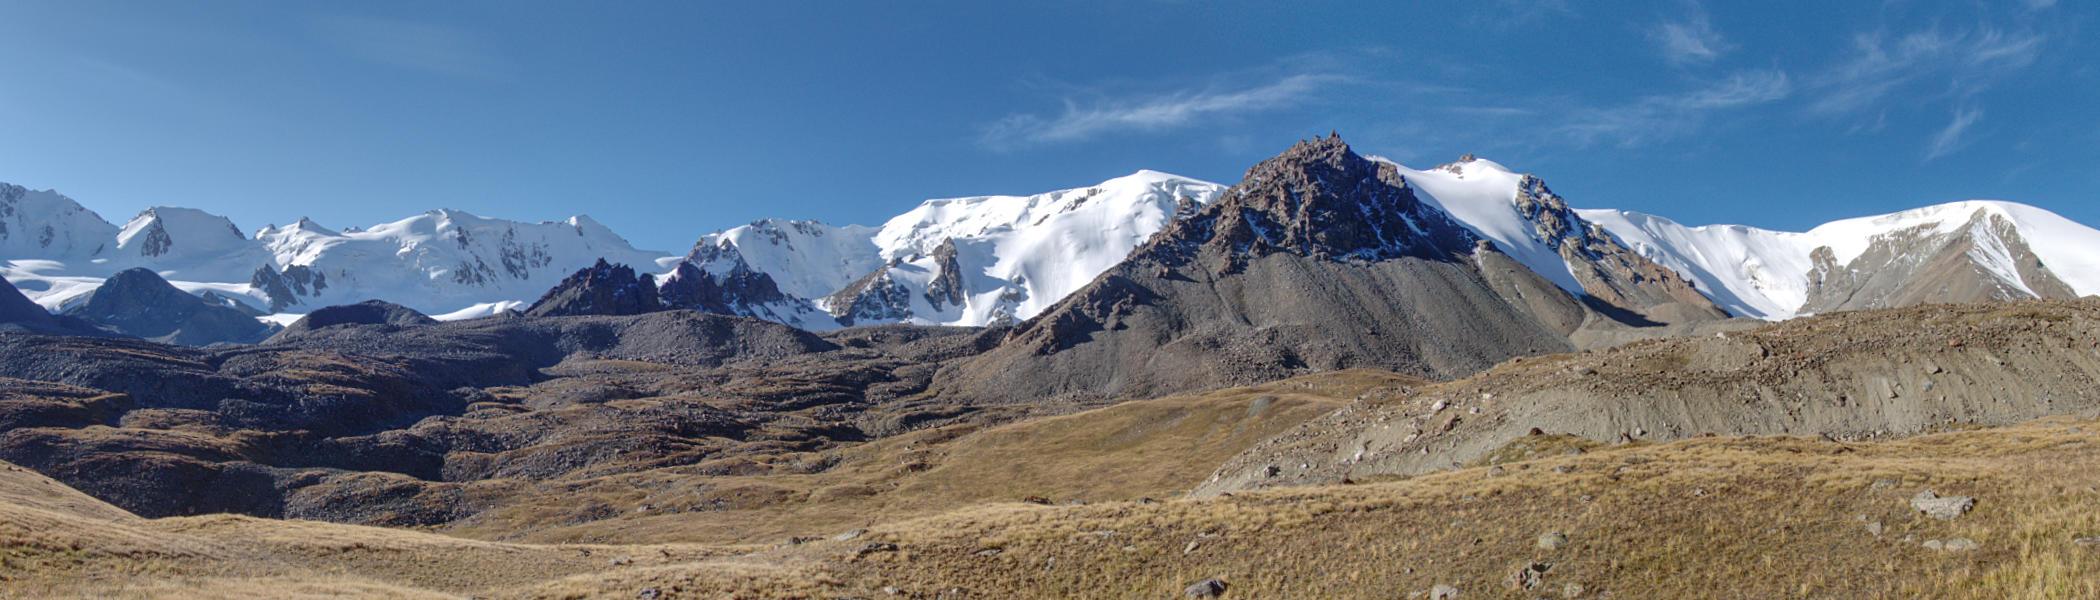 Вершины над ледником Григорьева. Верховья Иссыка.